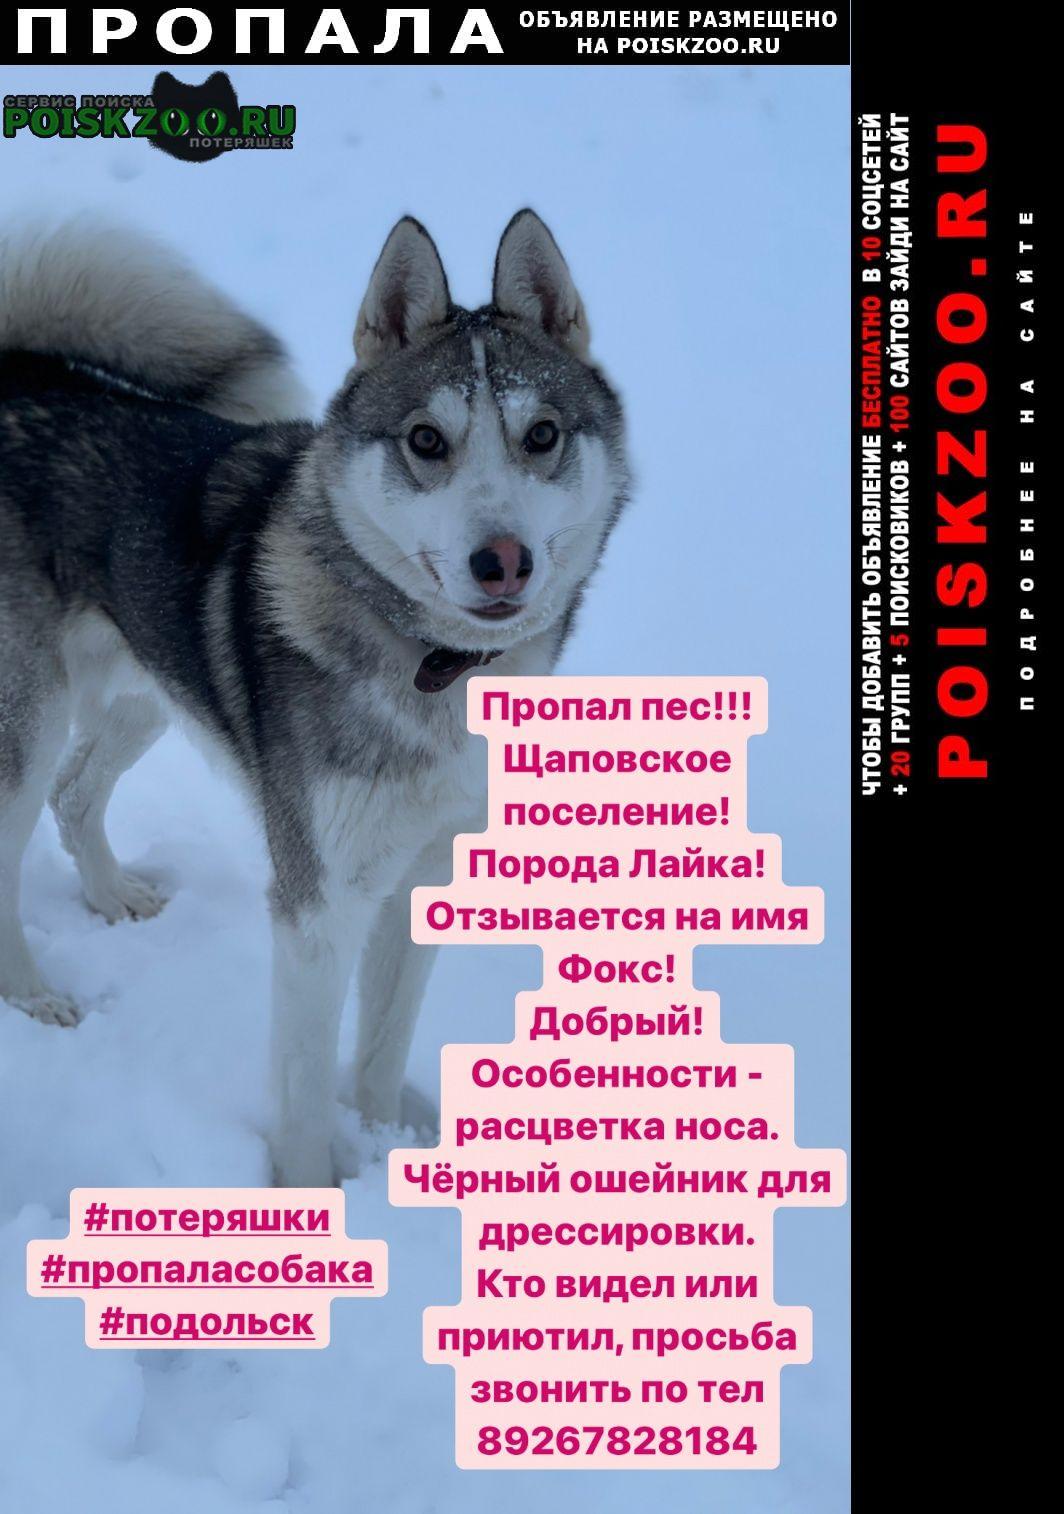 Подольск Пропала собака